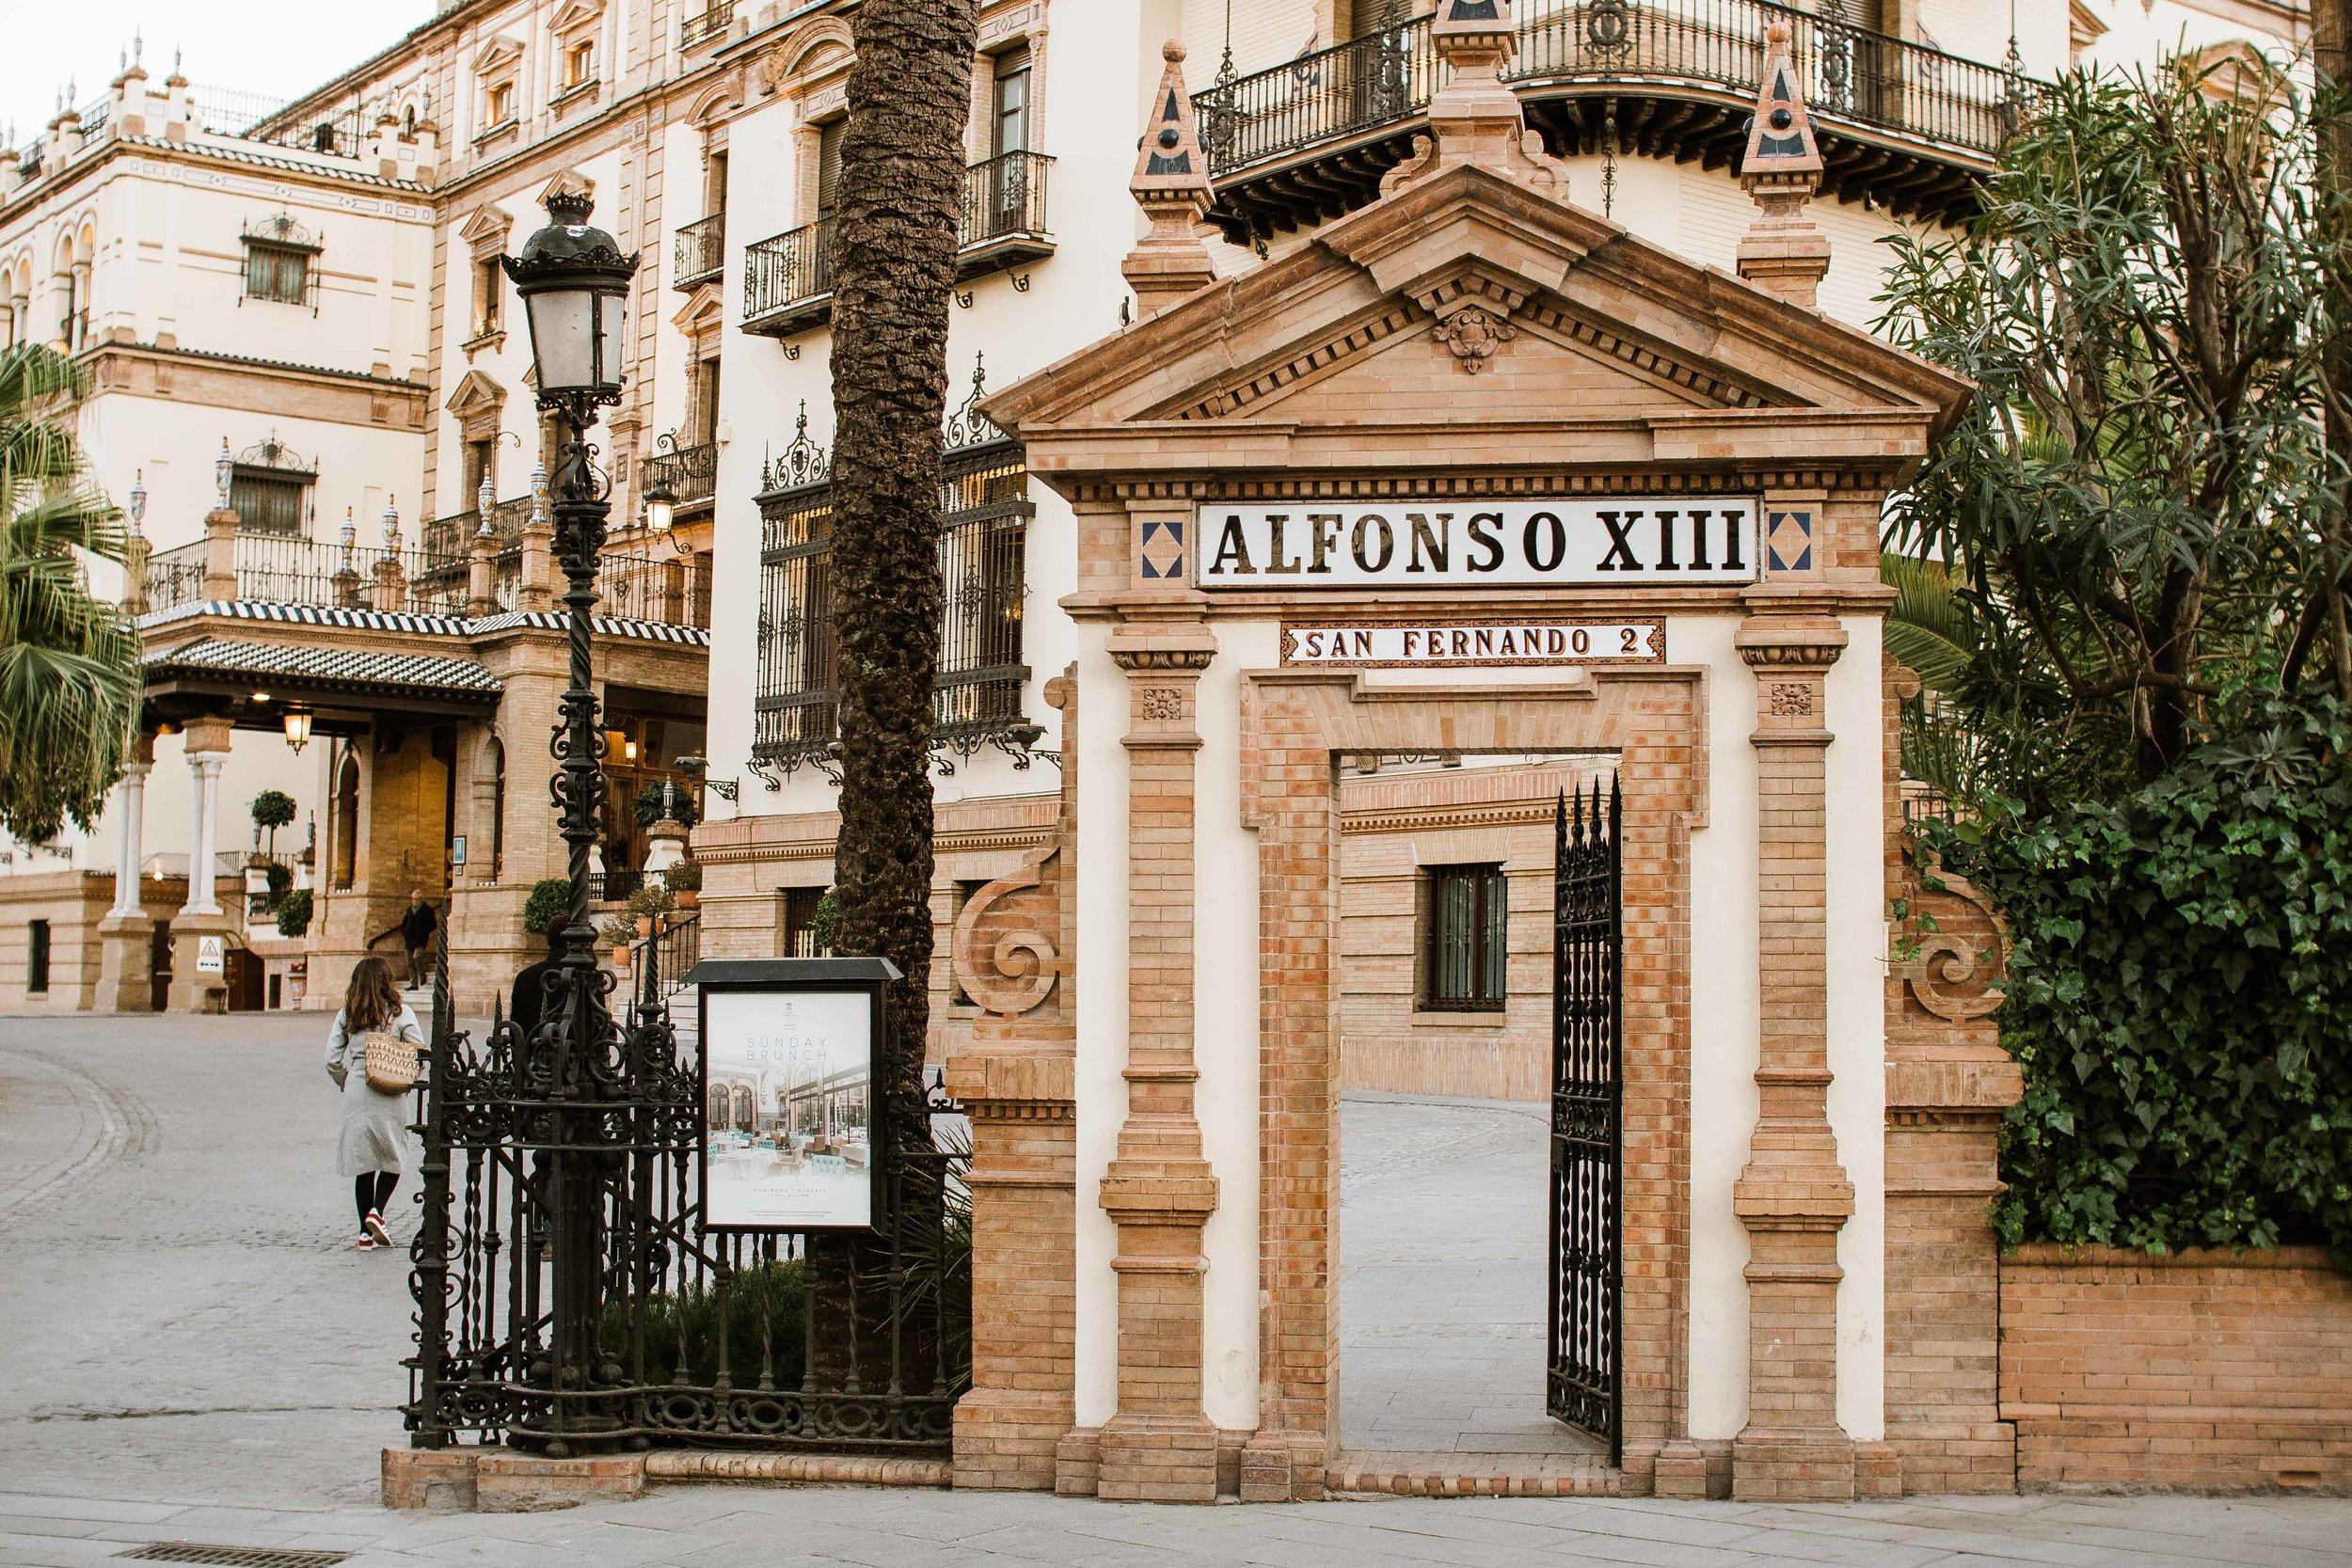 For Blog - Seville-14.jpg